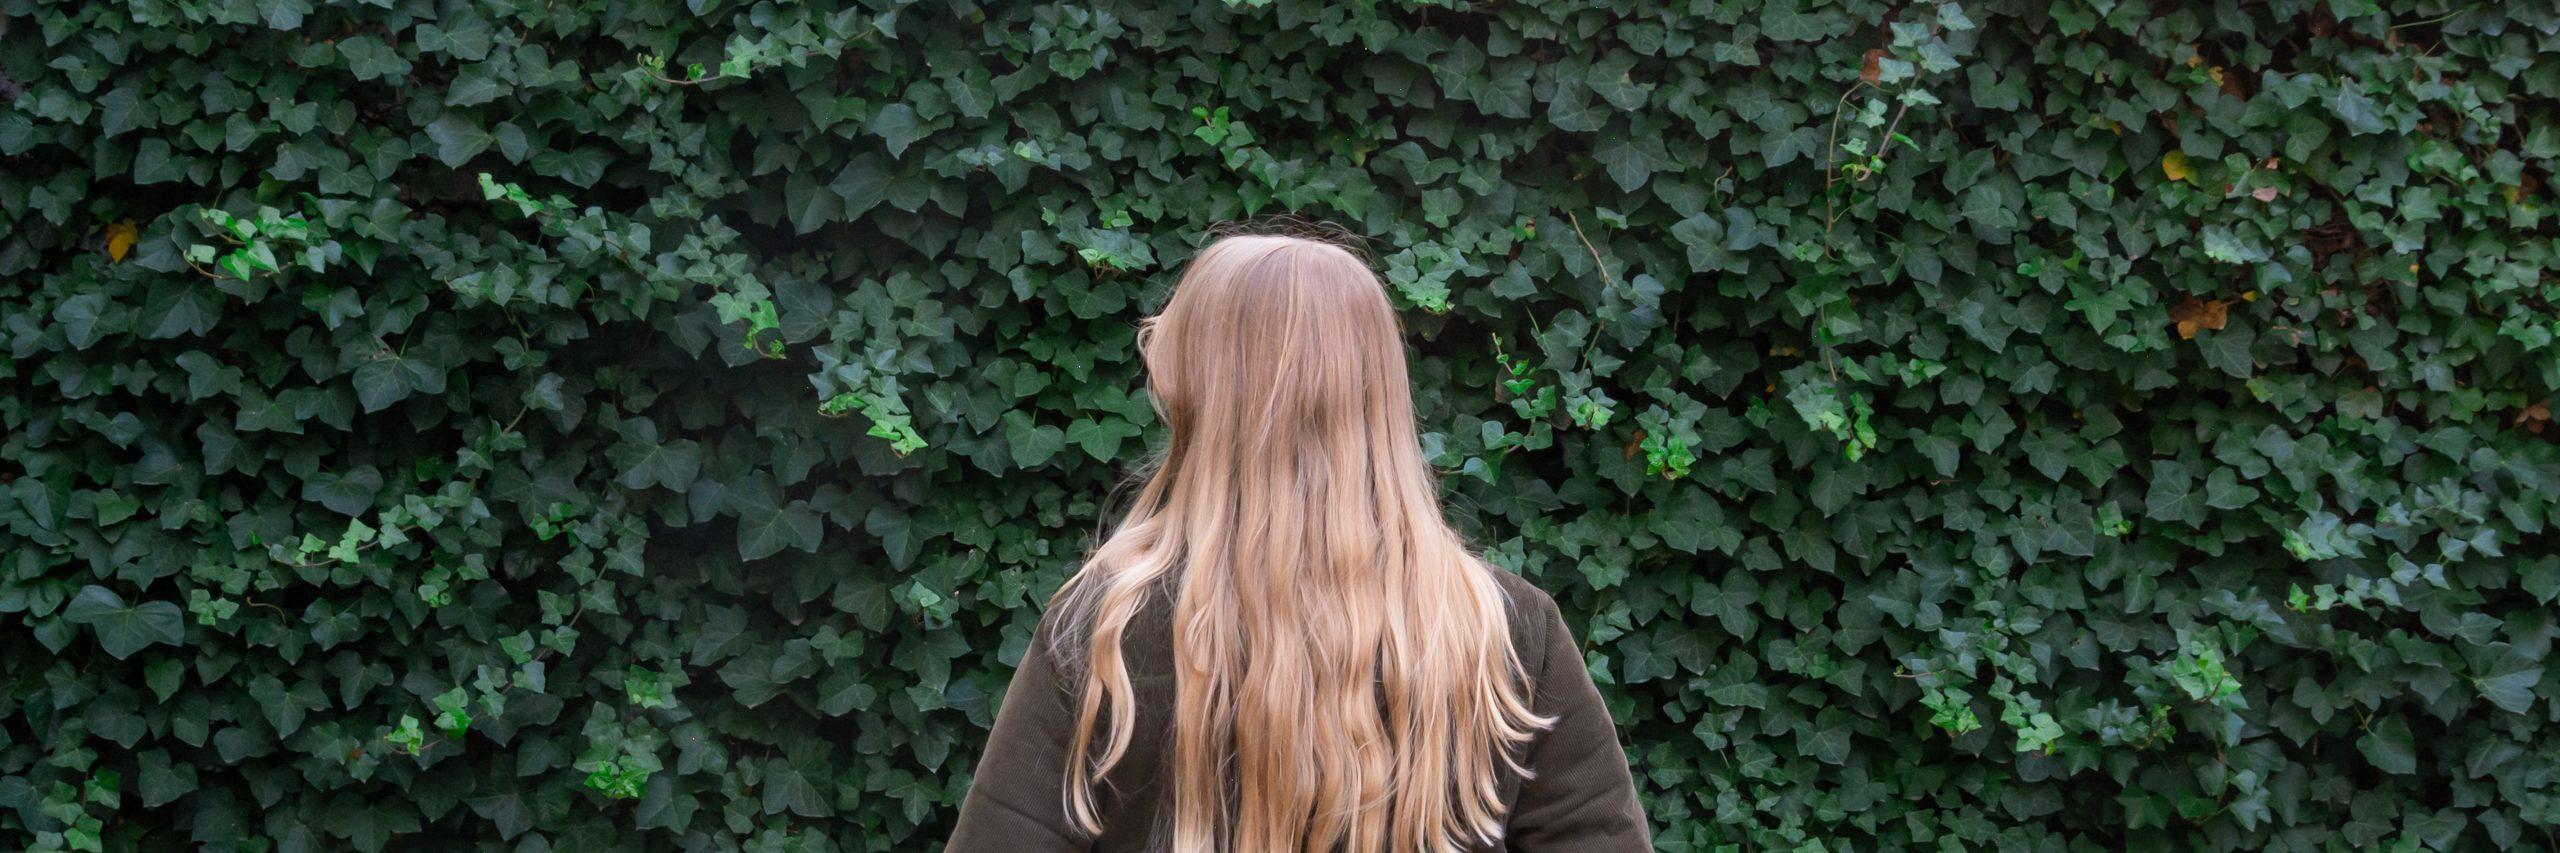 Girl; Blonde; Efeu; Nachhaltigkeit